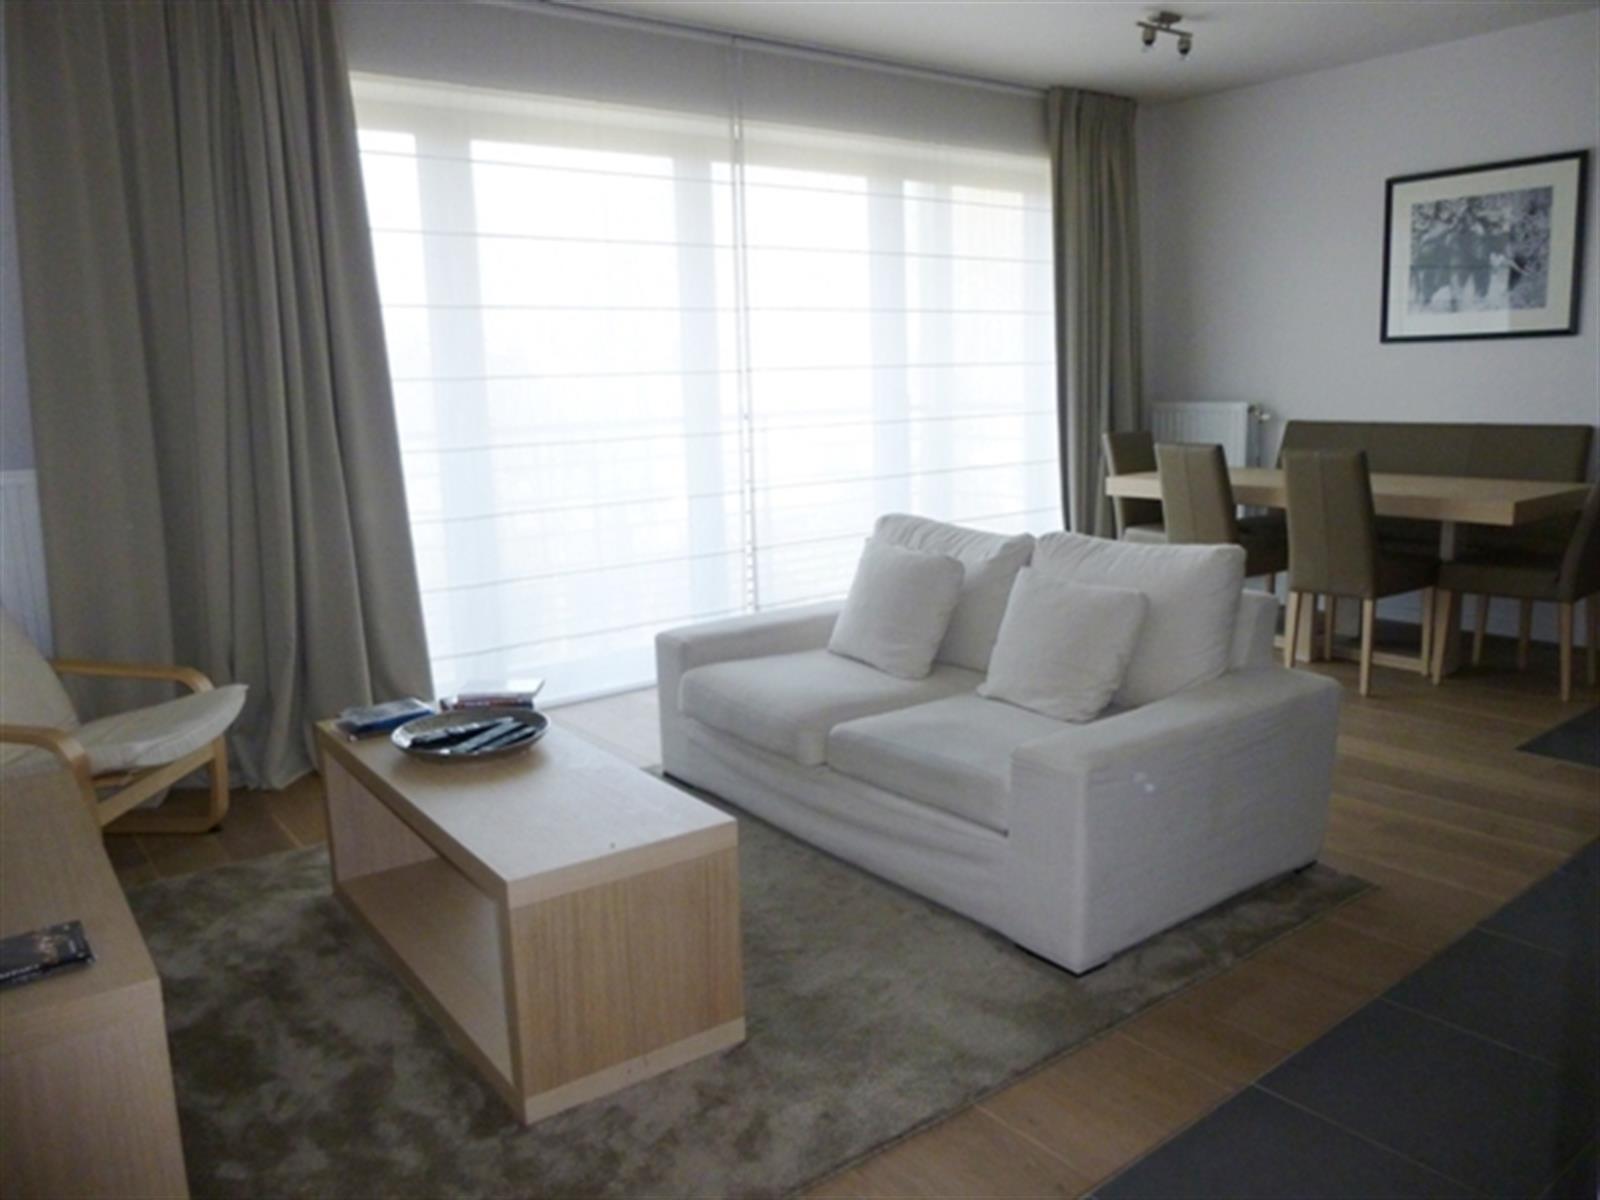 Appartement - Etterbeek - #4249509-1